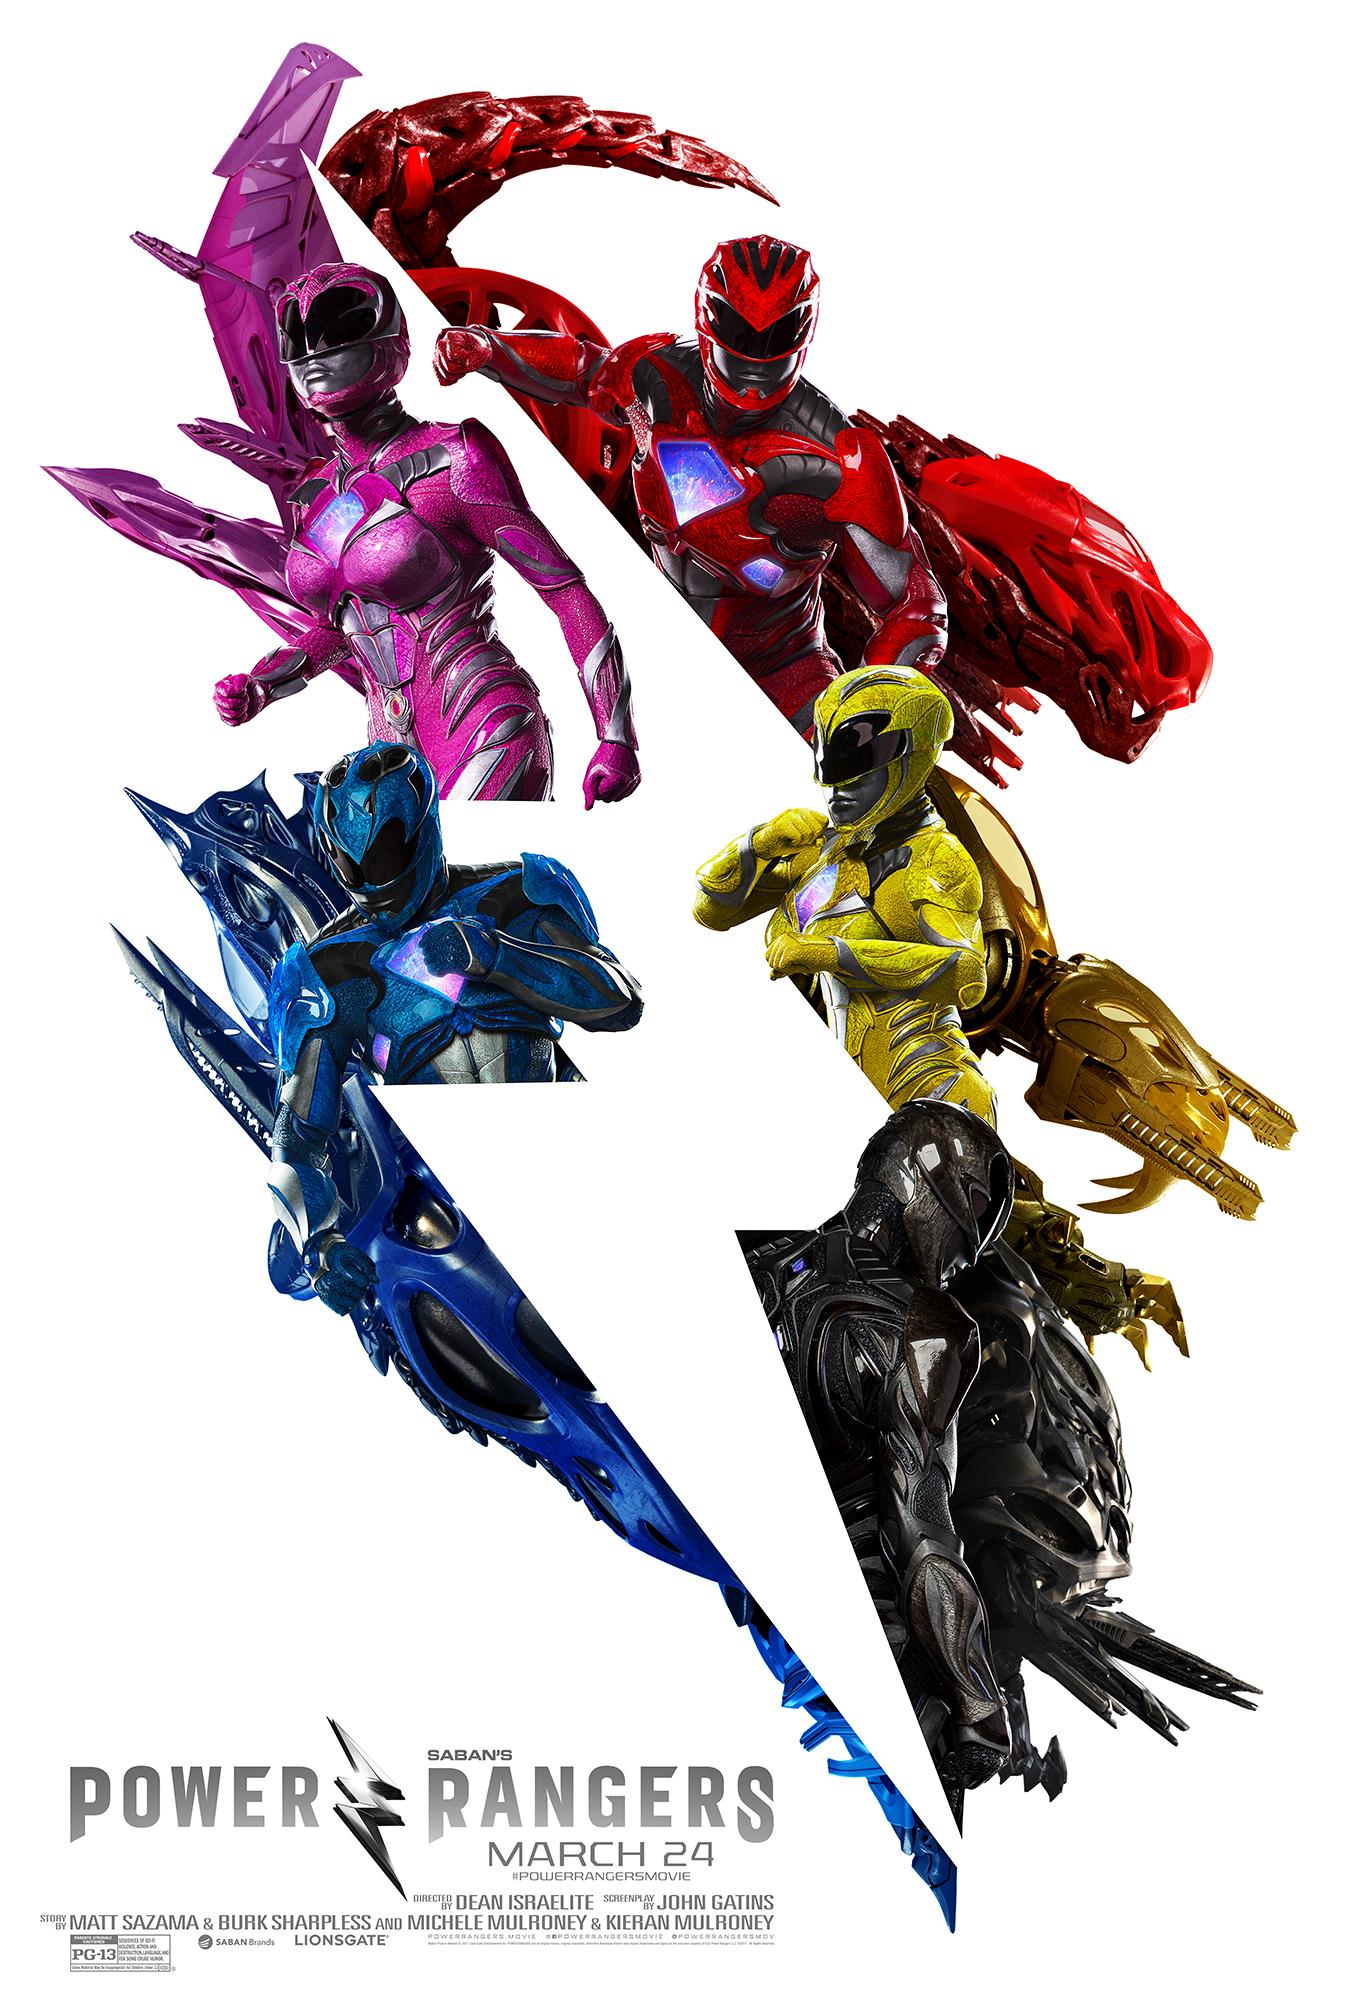 PowerRangers_1Sht_Illust_Online_Zords_100dpi.jpg